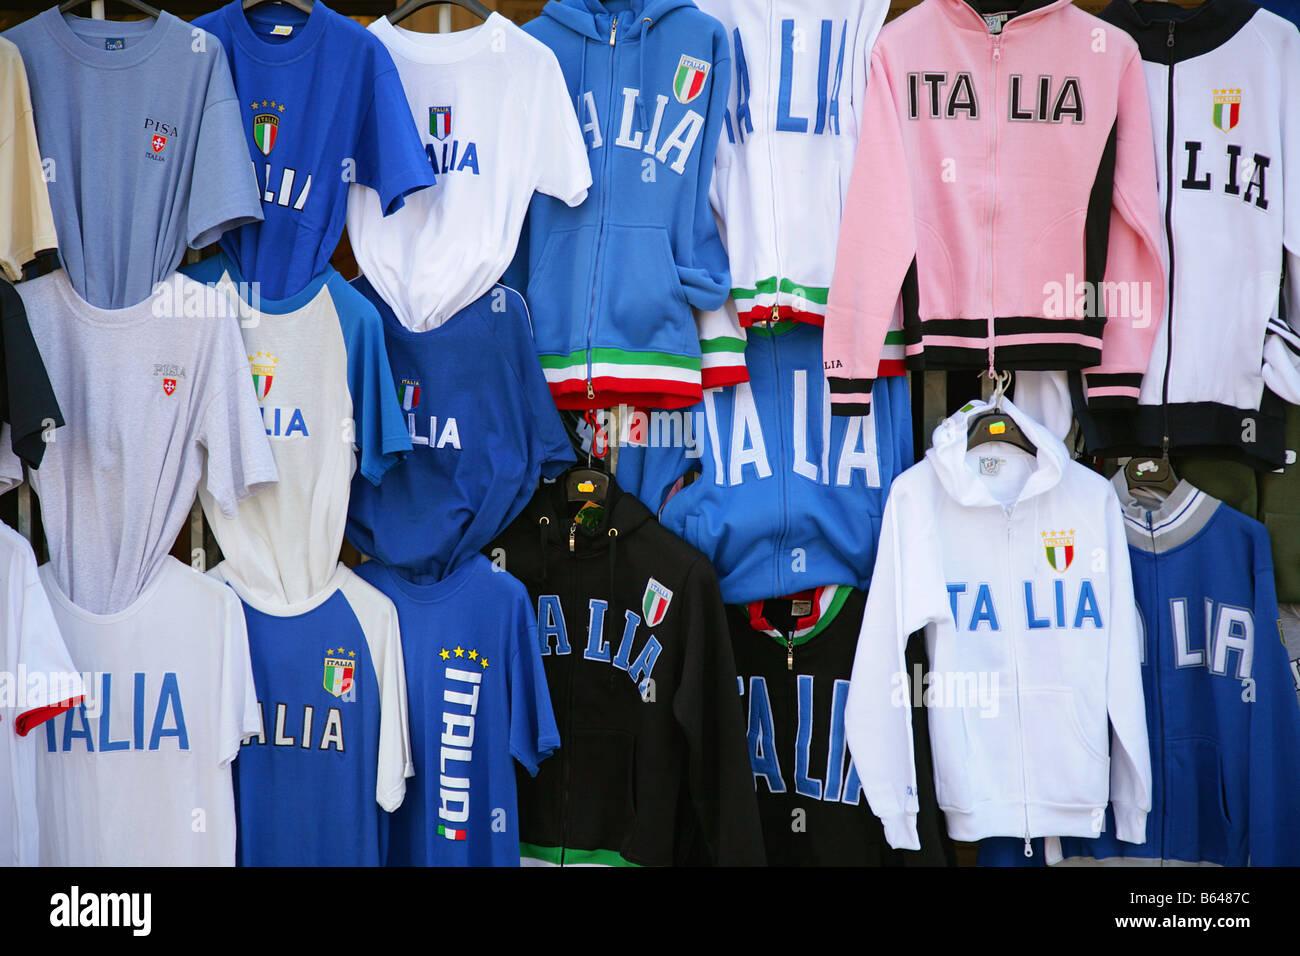 c1da36fce3506 Ropa deportiva de la marca  Italia  en la venta en el mercado se atasque en  Florencia